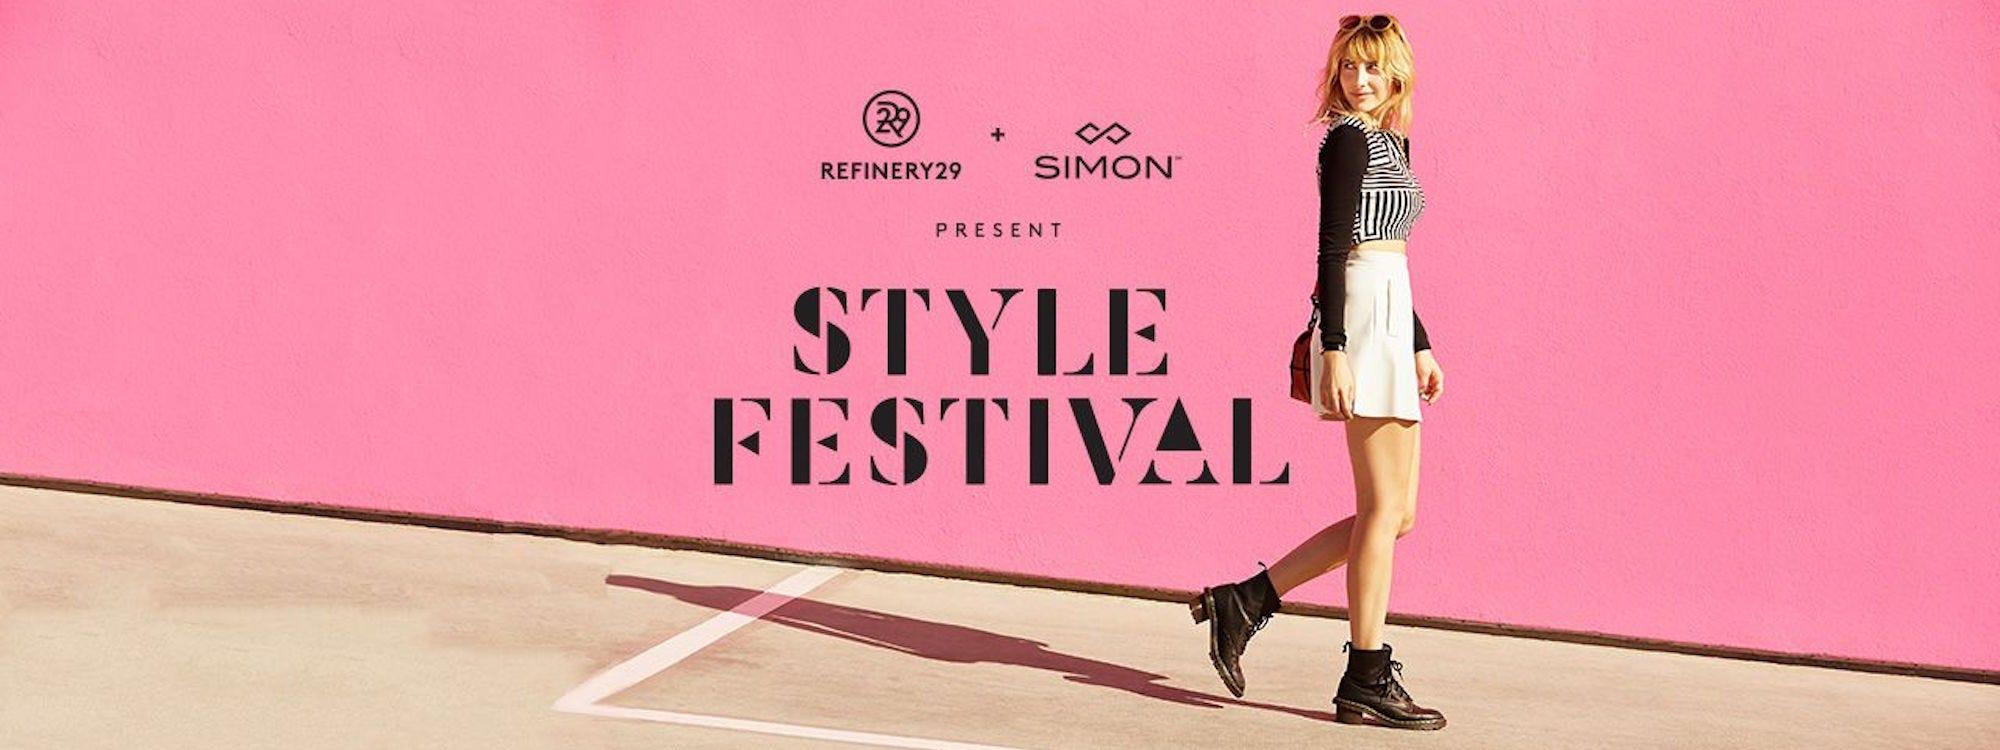 Simon Malls Style Festival Tour 2015